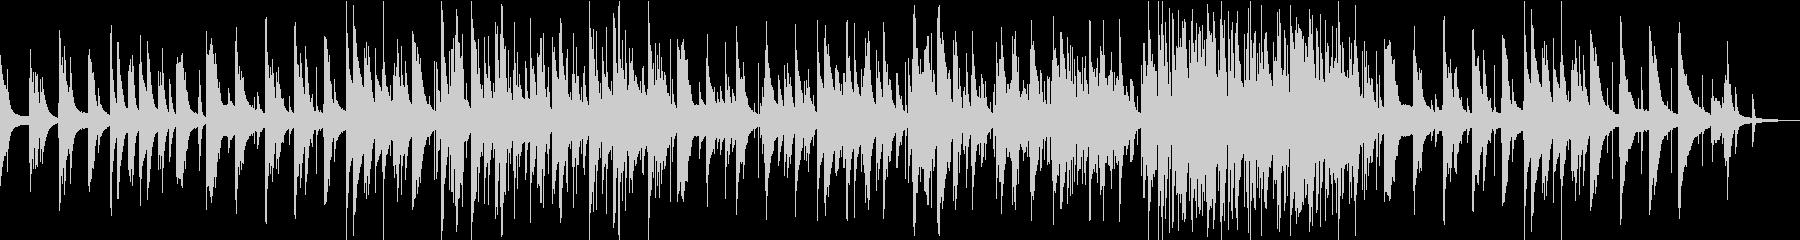 ピアノトリオの美しいジャズバラードの未再生の波形